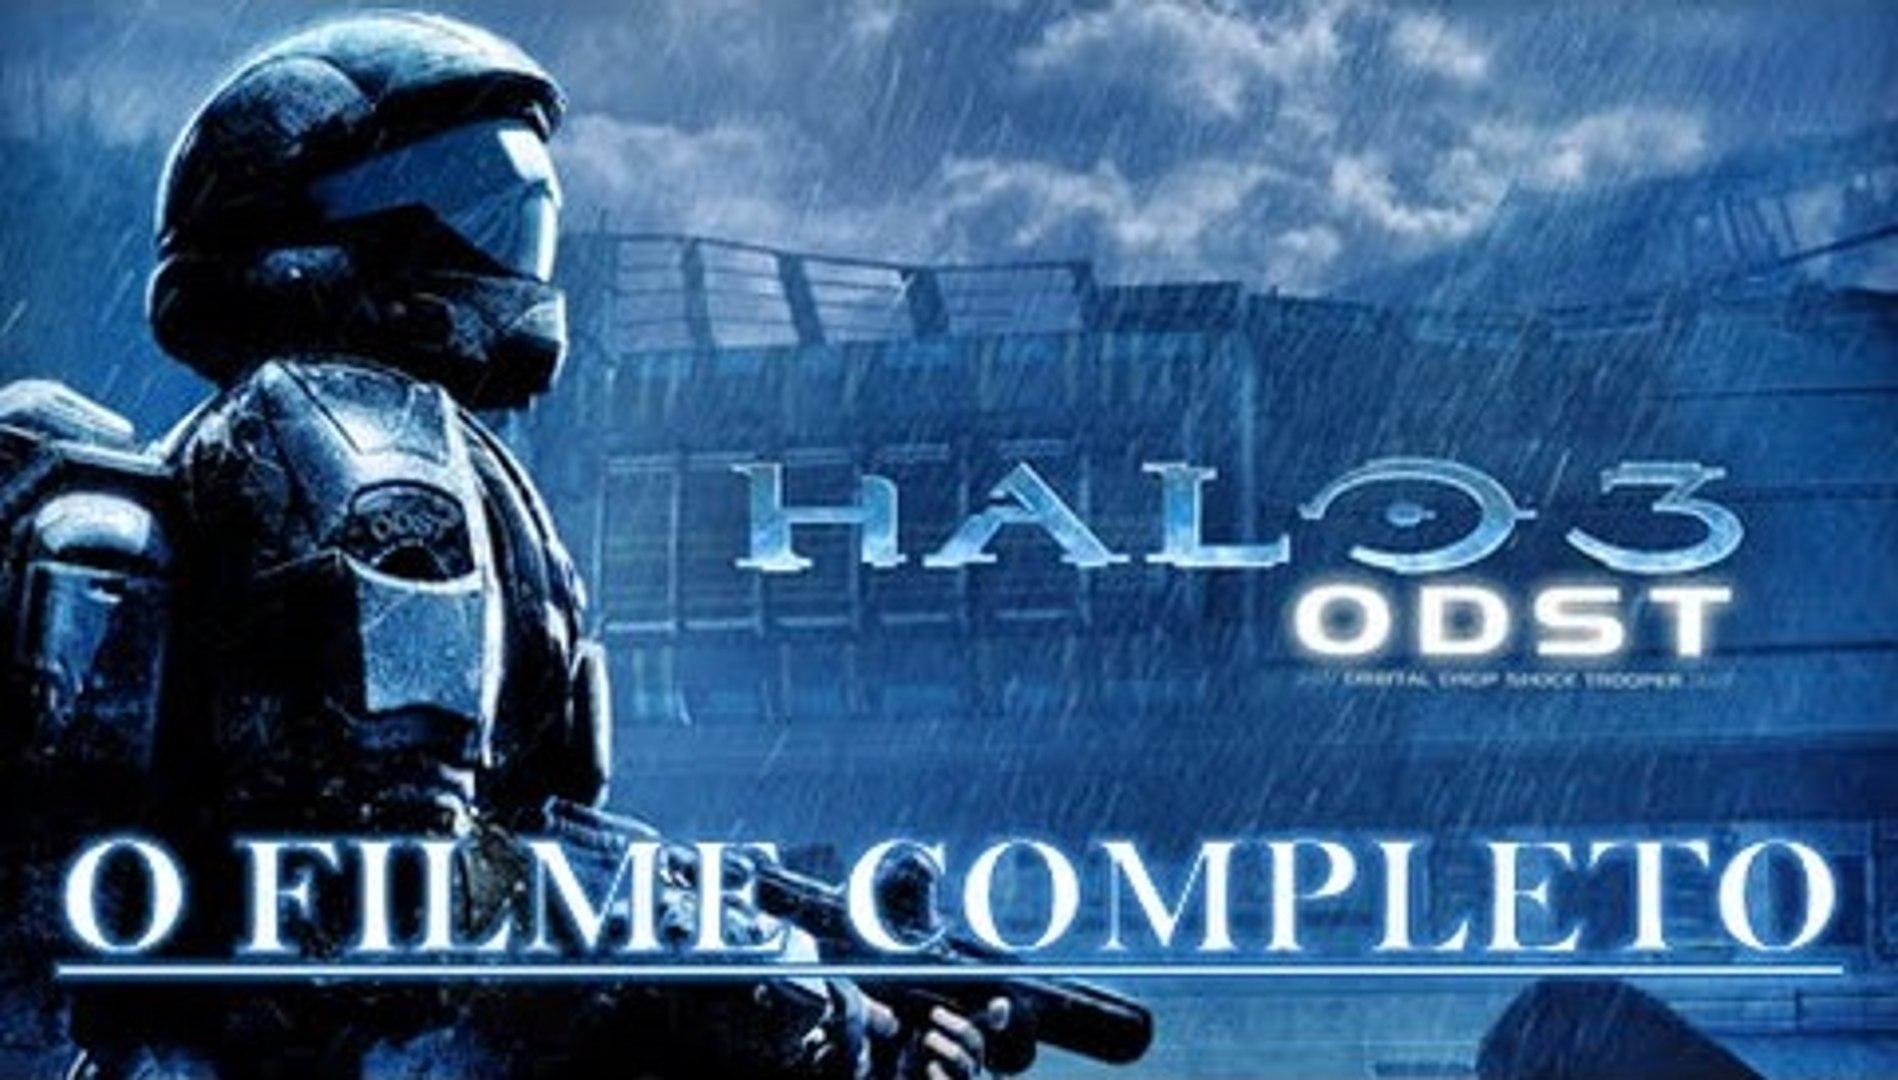 Halo 3  ODST - O FILME COMPLETO Dublado PT-BR